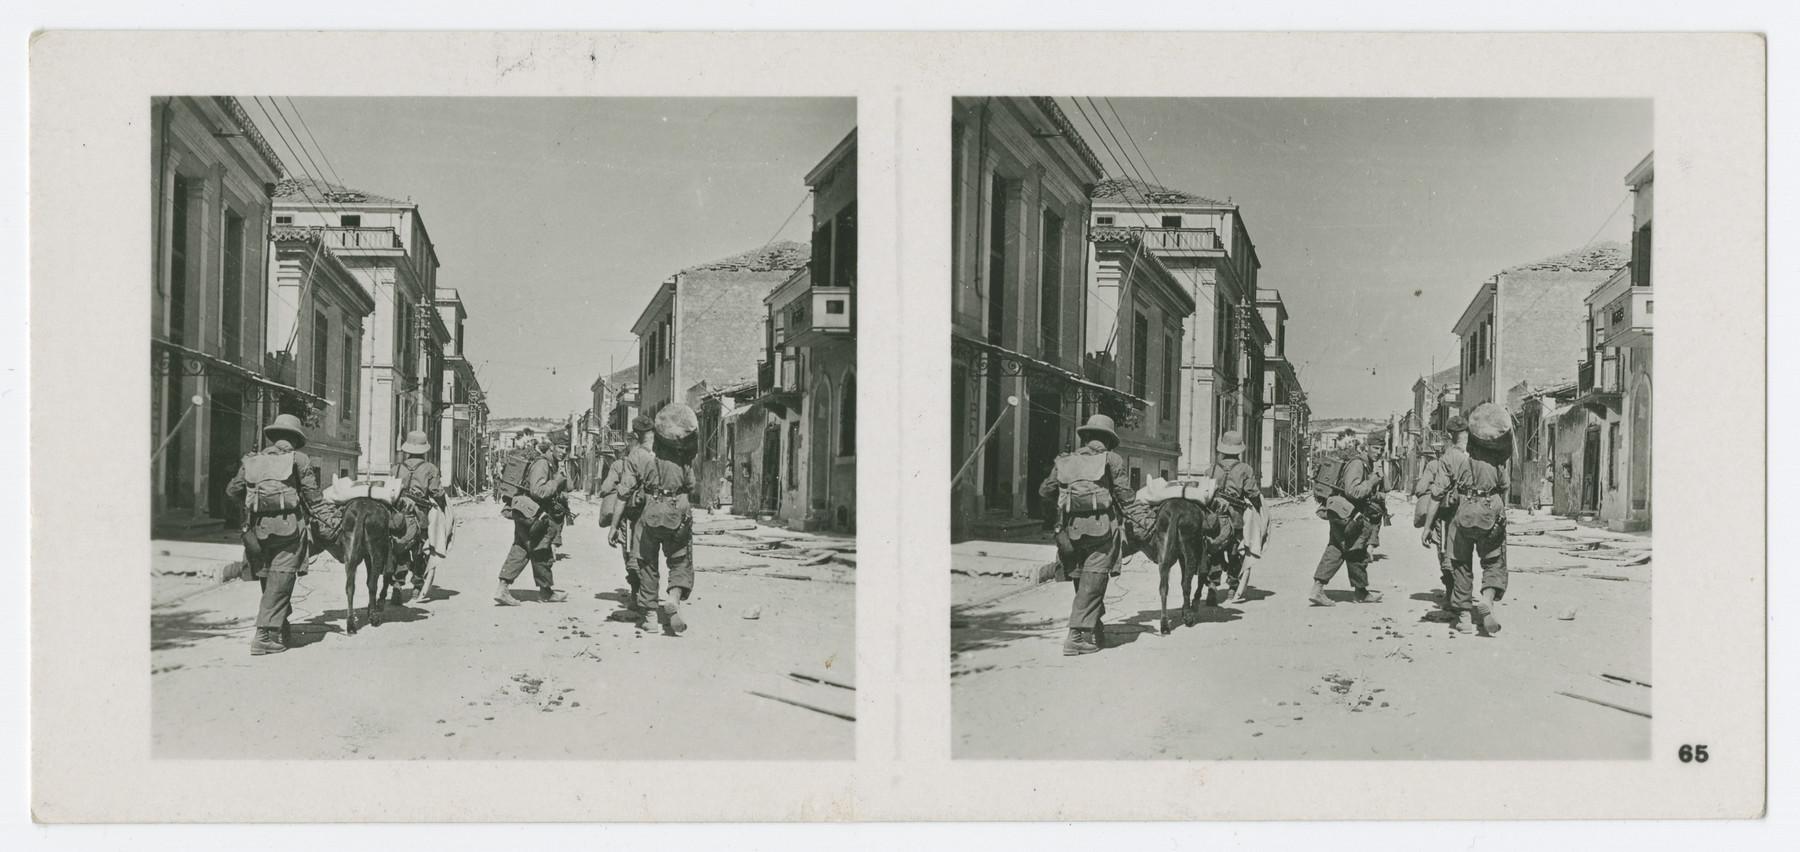 A stereograph of Nazi paratroopers invading Chania, Crete.  Original caption in German reads: Fallschirmjäger in den Strassen der kretischen Hauptstadt Chanea unmittelbar nach deren Einnahme